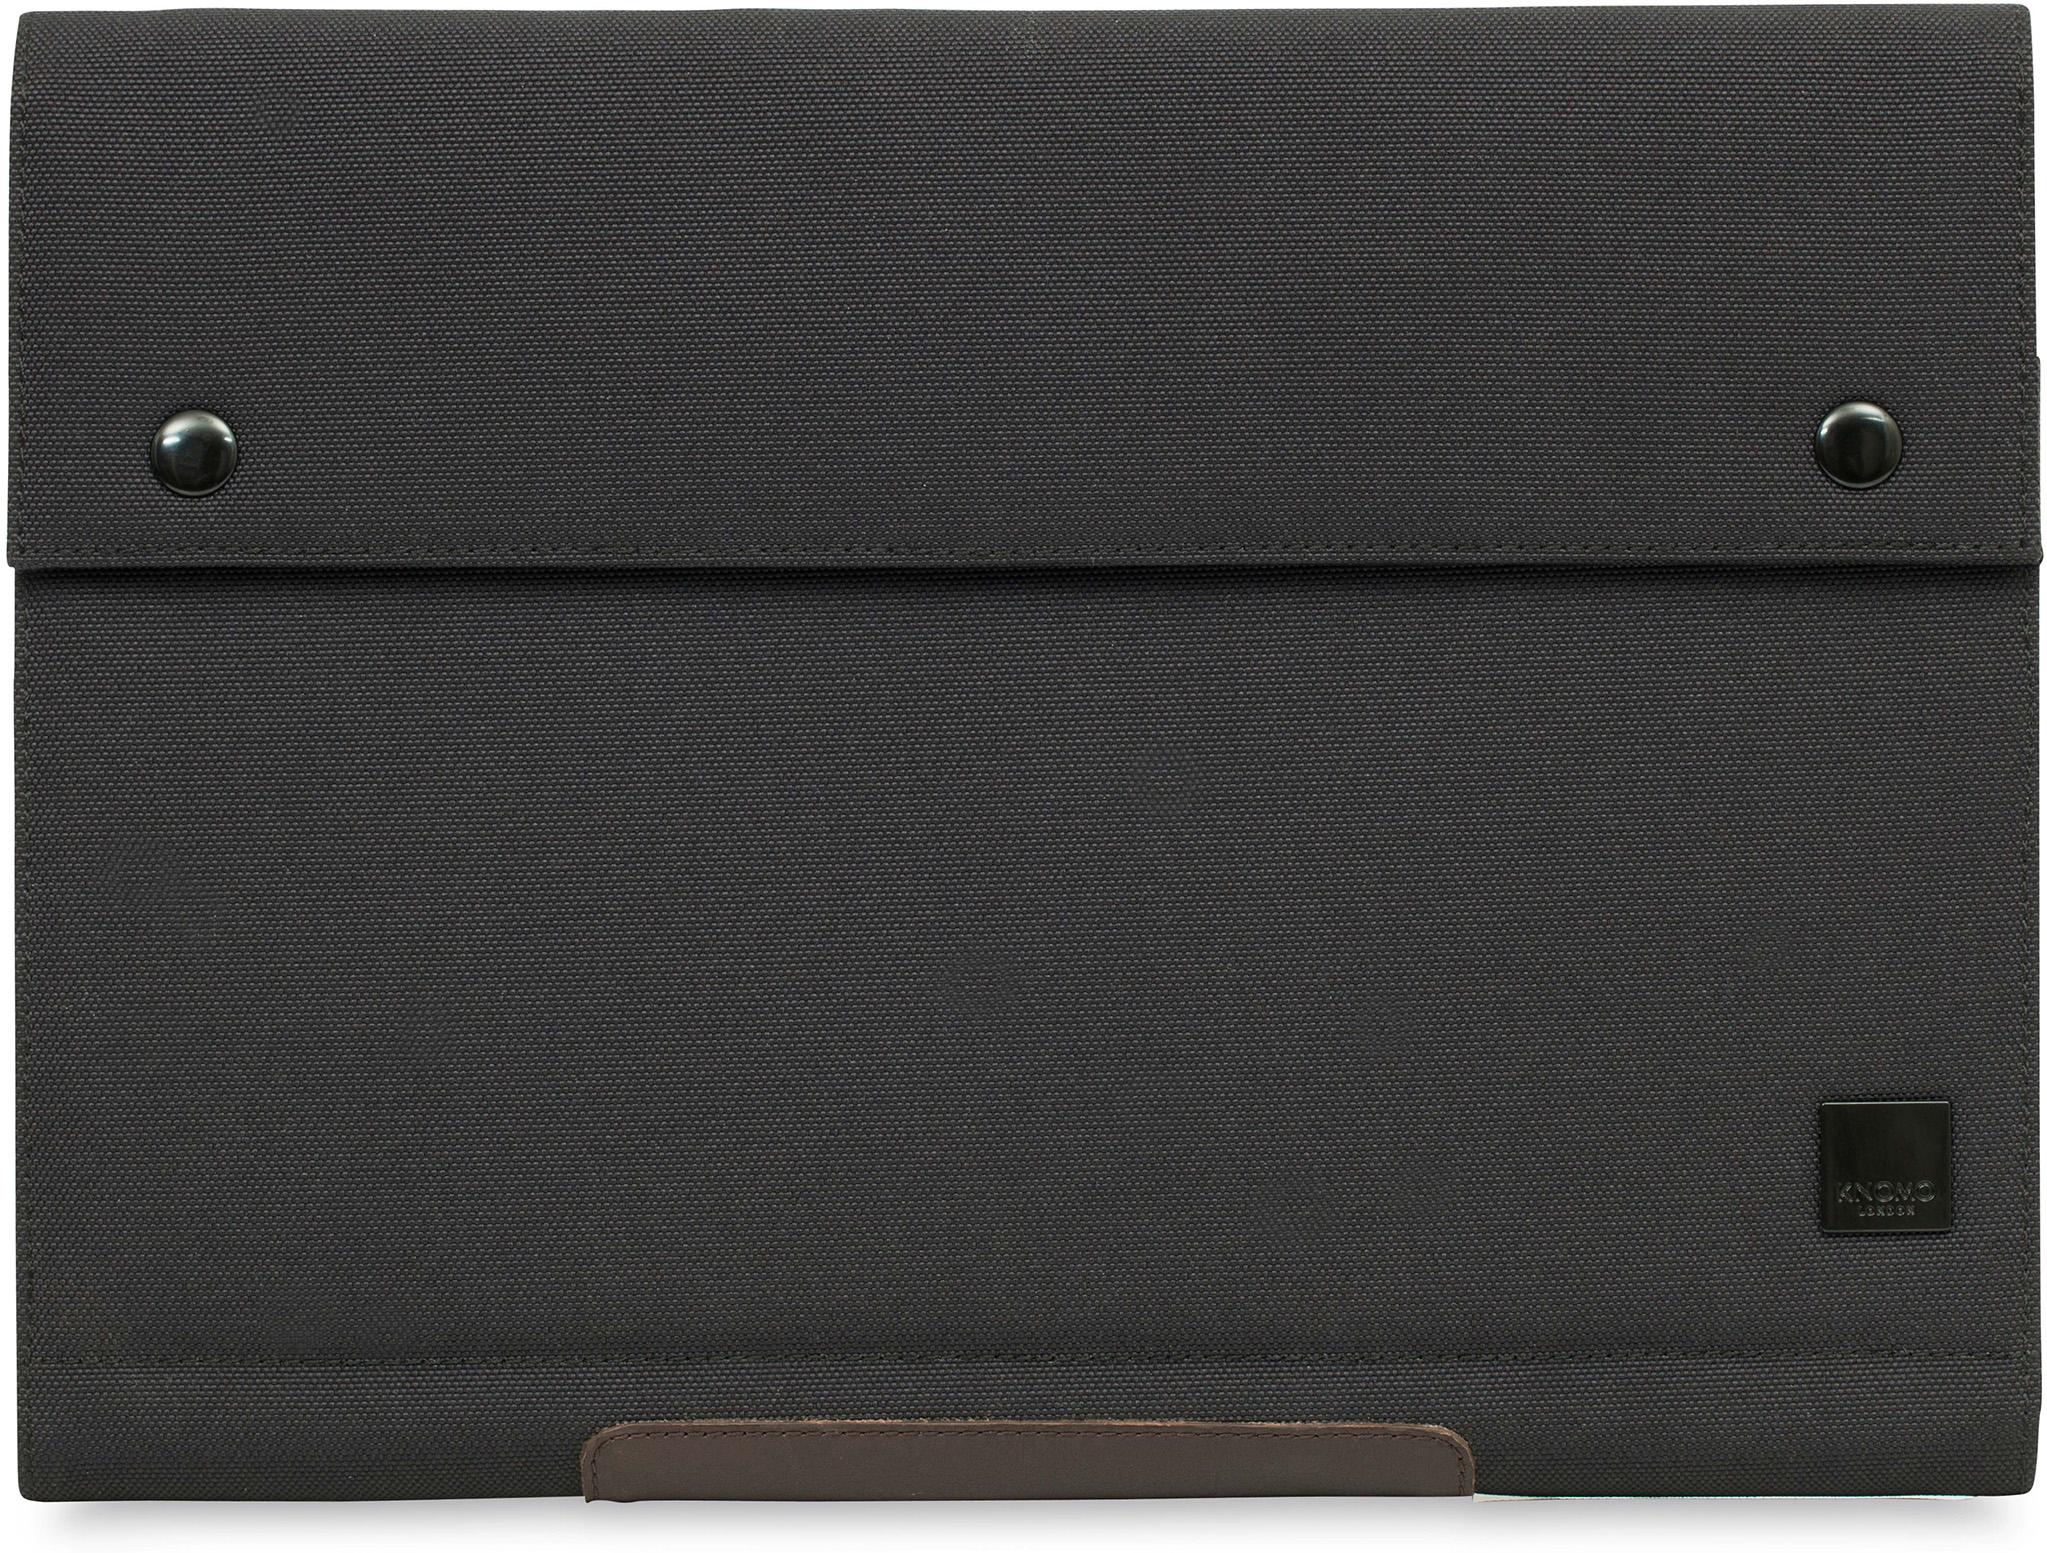 Porte-documents Knomad de Knomo de 12pouces pour ordinateur portable (anthracite)